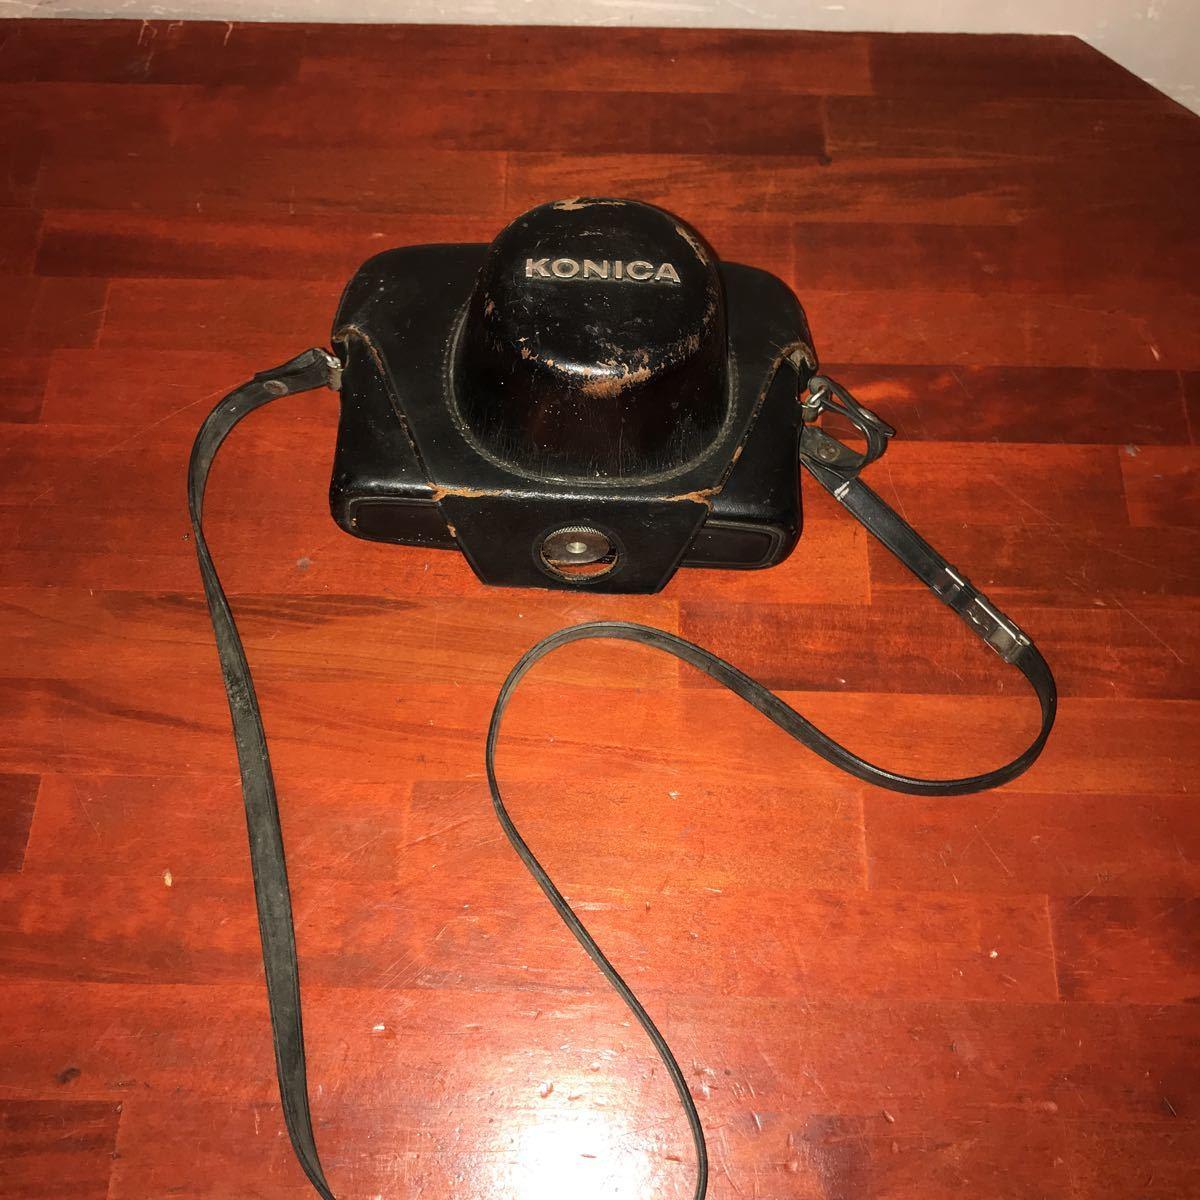 ★☆カメラ★☆KONICA コニカ AUTO S1.6 レンズ HEXANON 1:1.6 f=45mm